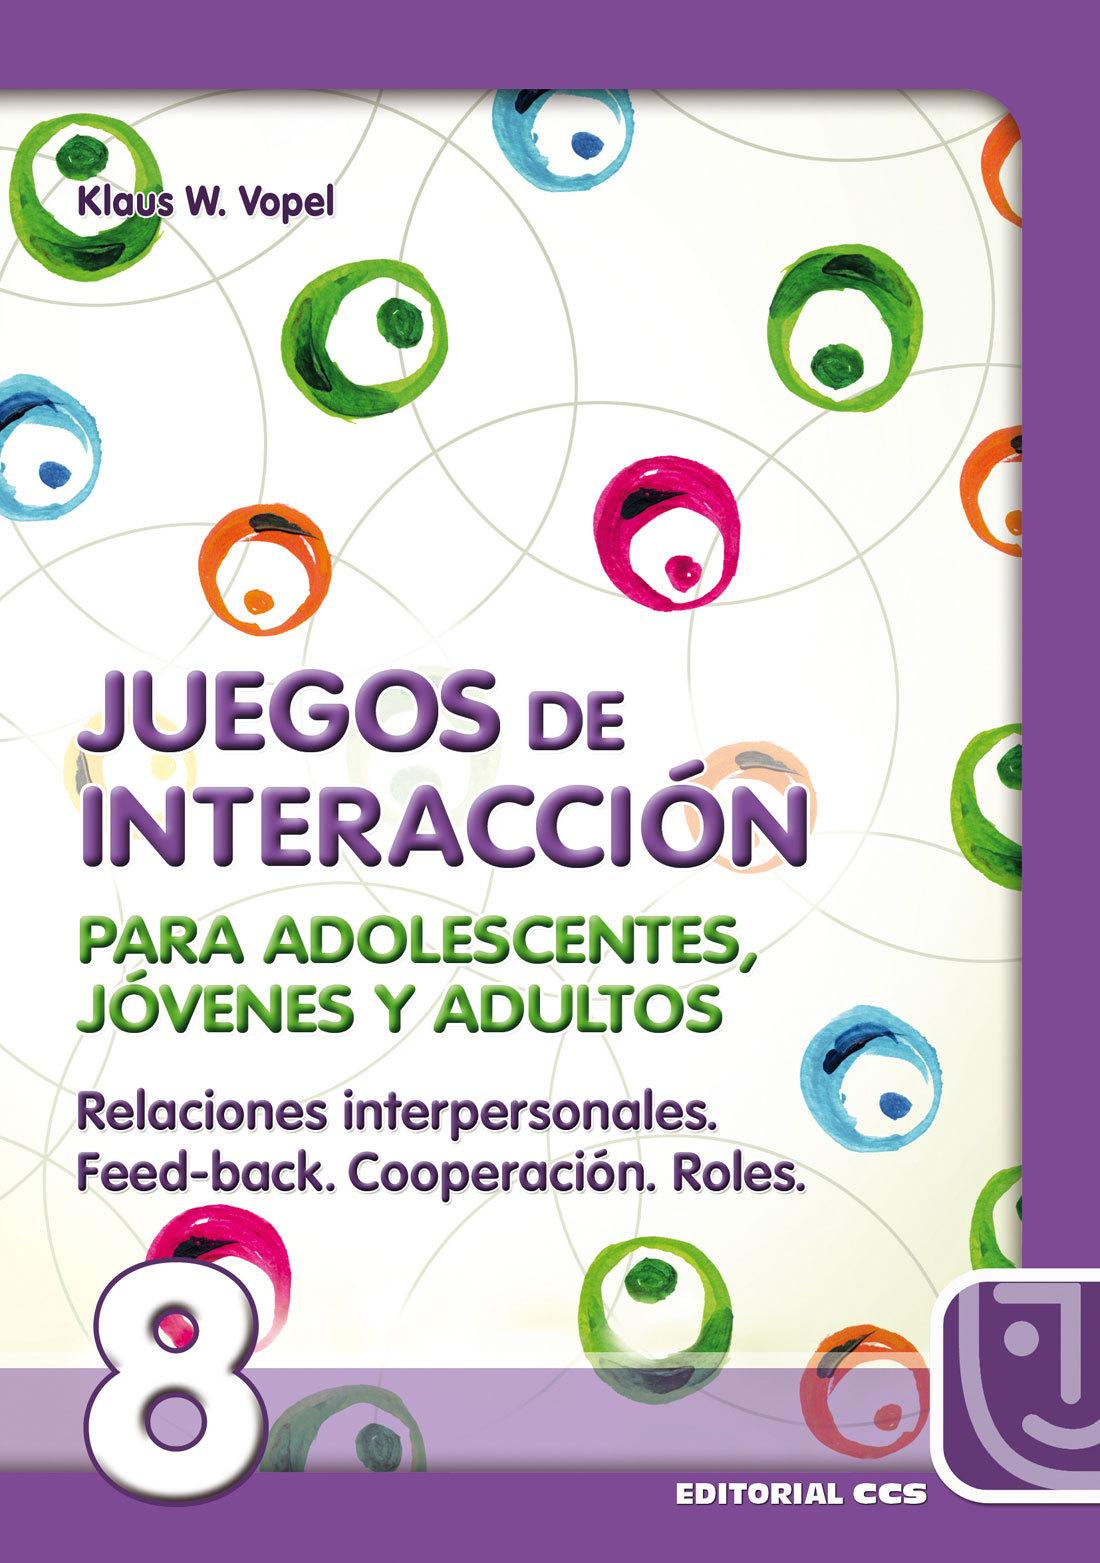 JUEGOS DE INTERACCION PARA ADOLESCENTES, JOVENES Y ADULTOS Nº 8